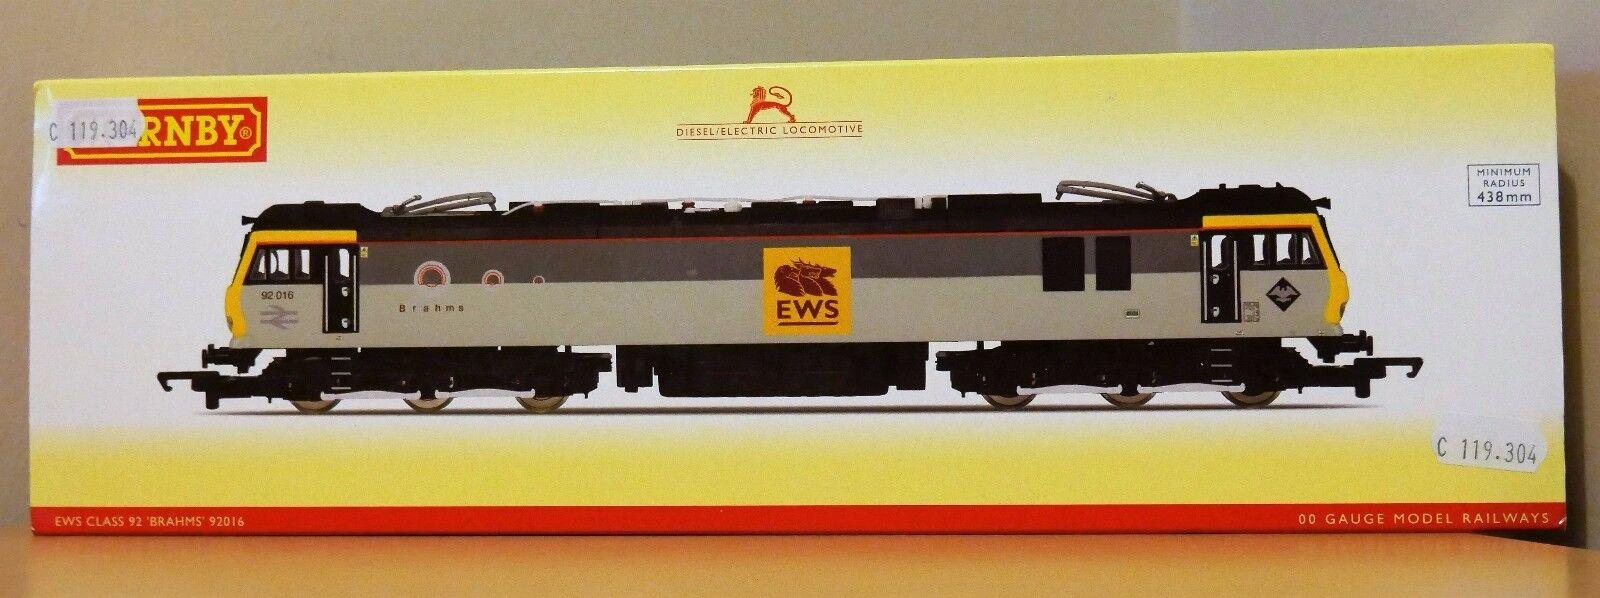 OO Gauge Hornby R3480 Class 92 Electric Locomotive EWS 'Brahms' BNIB